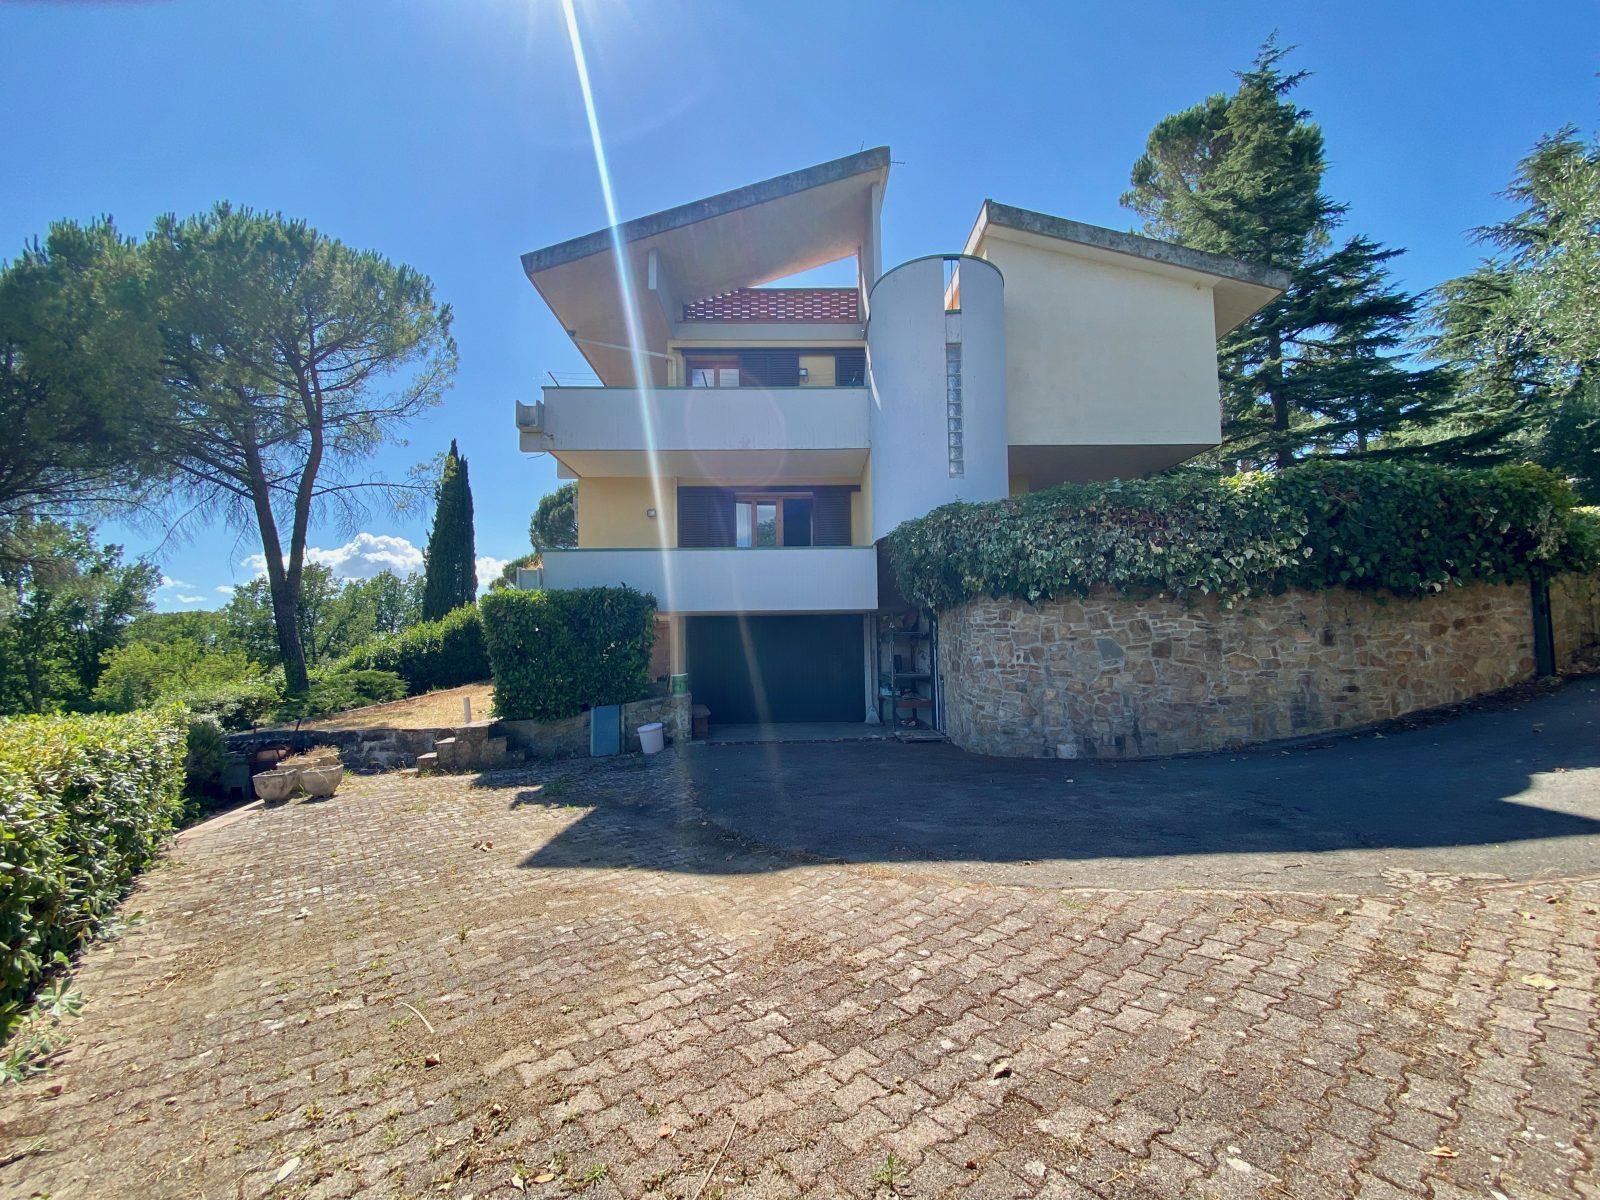 Villetta bifamiliare Santa Cristina